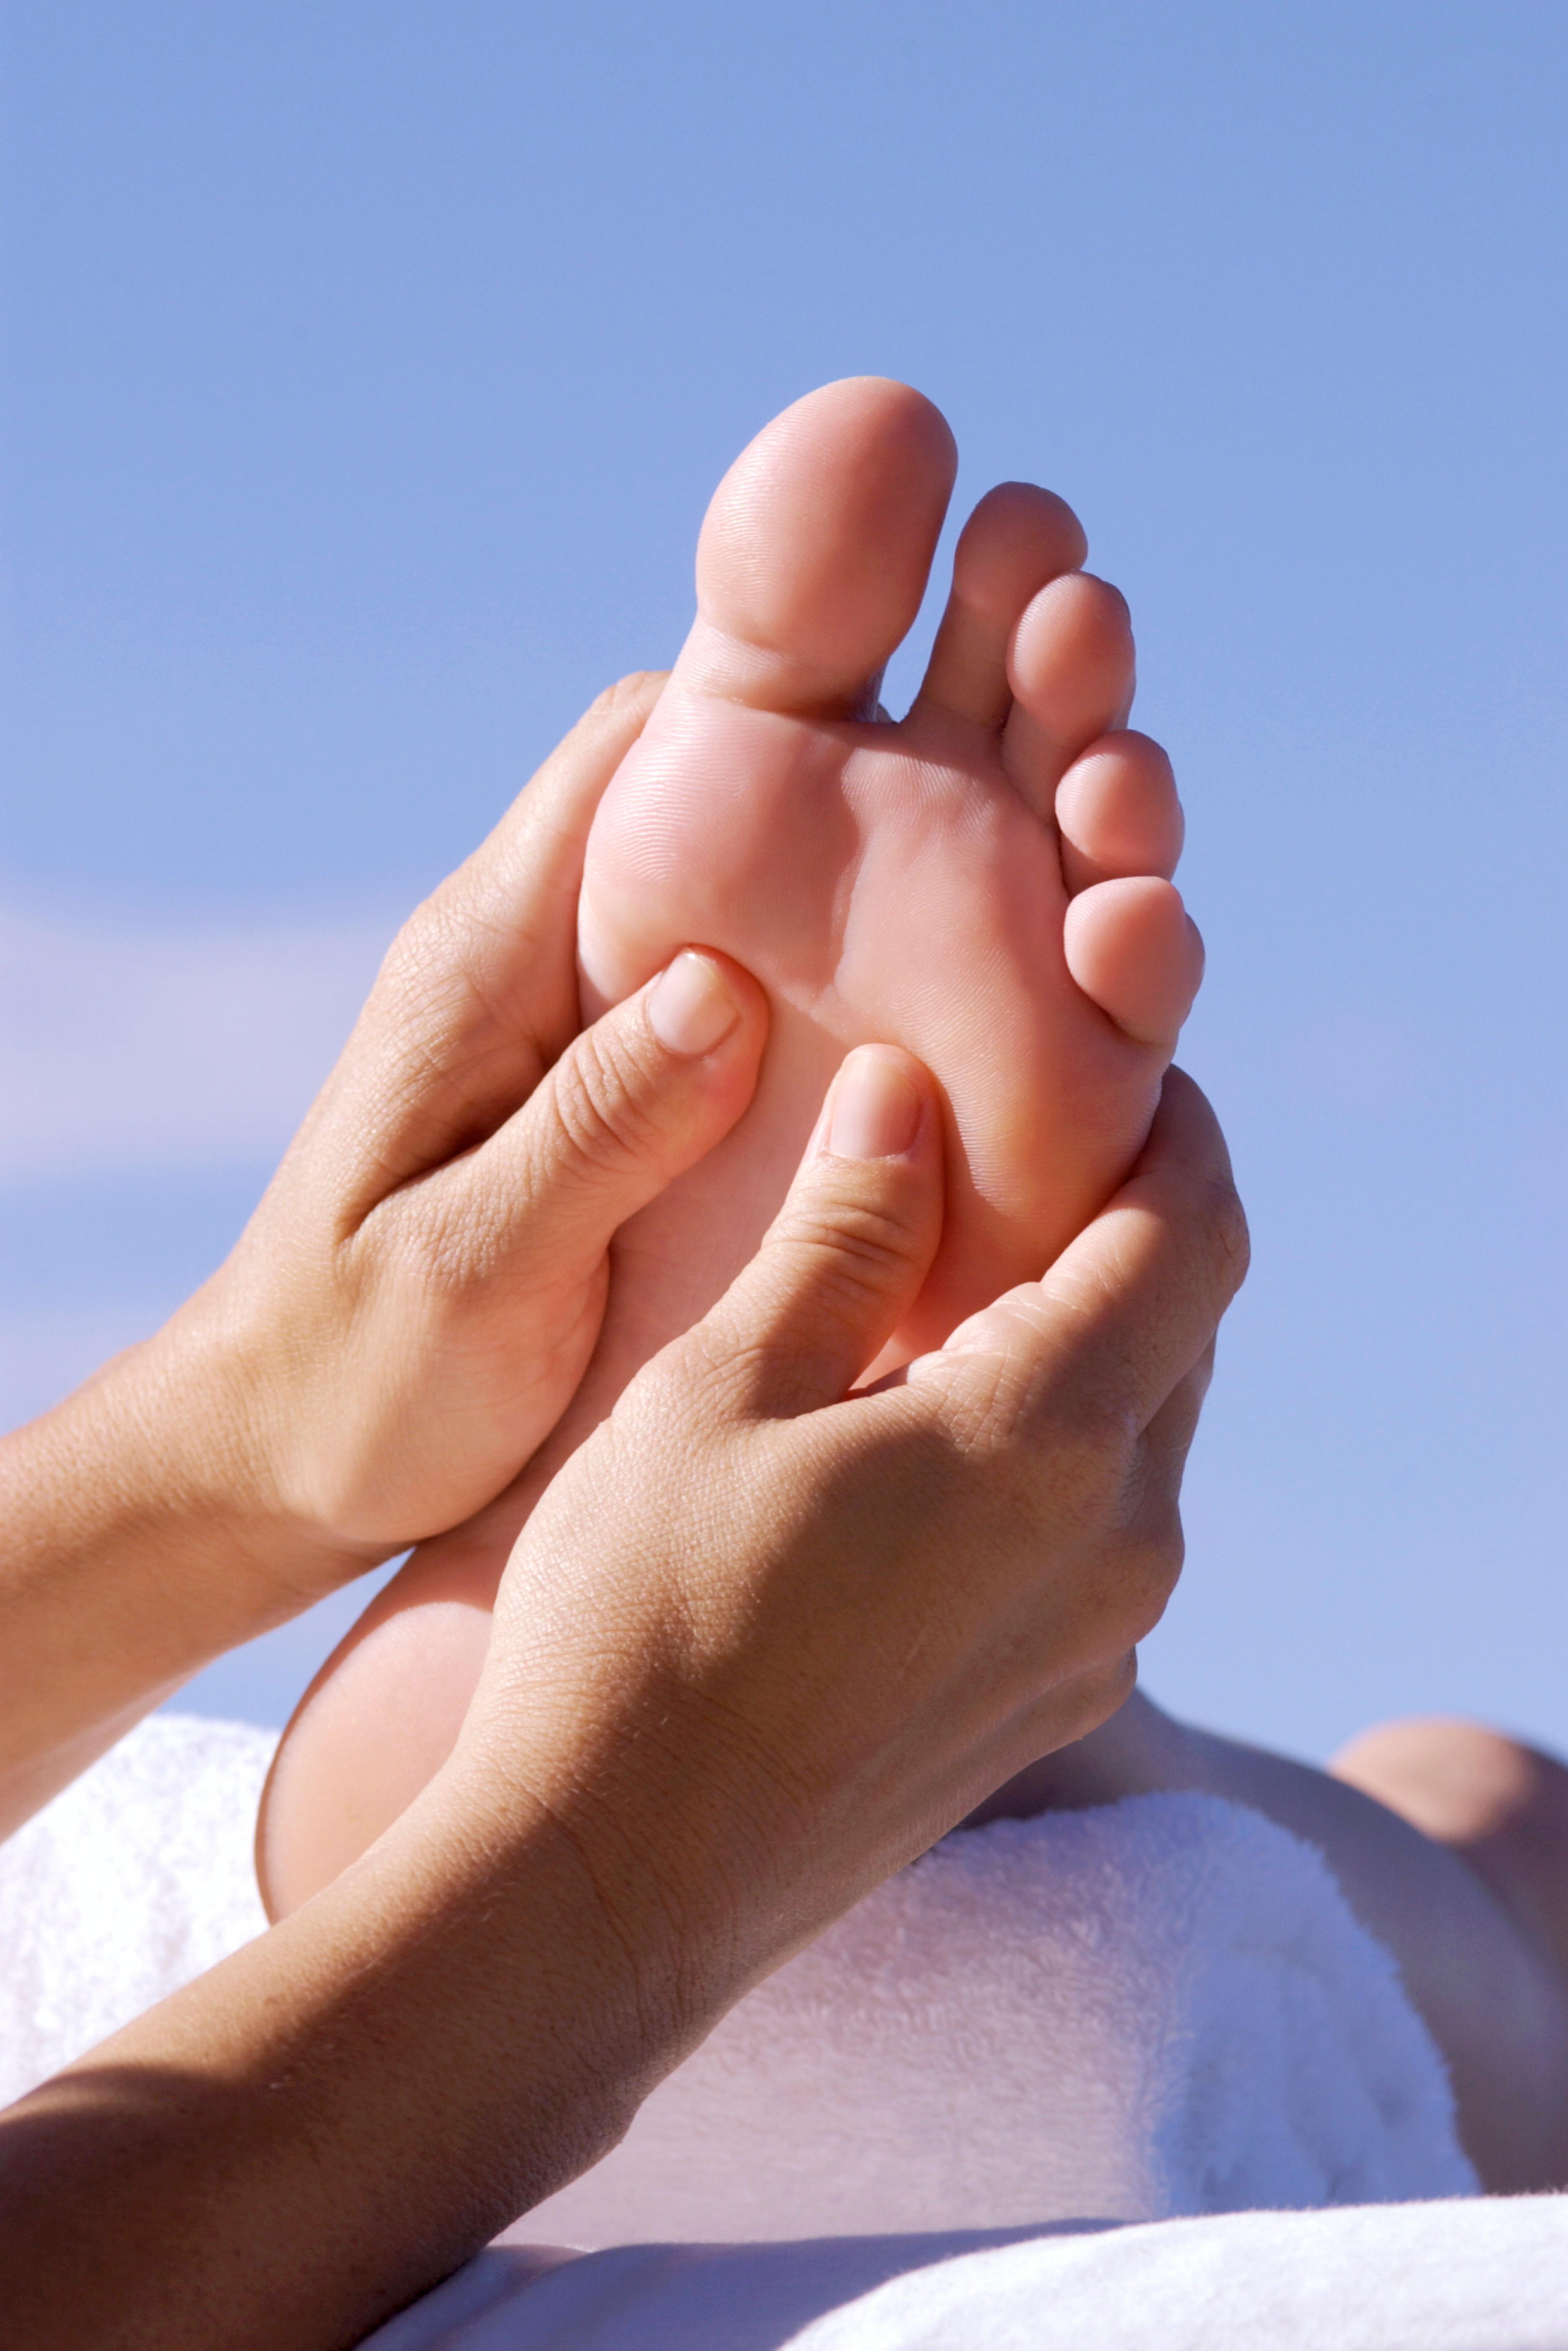 Foot Massage/Reflexology